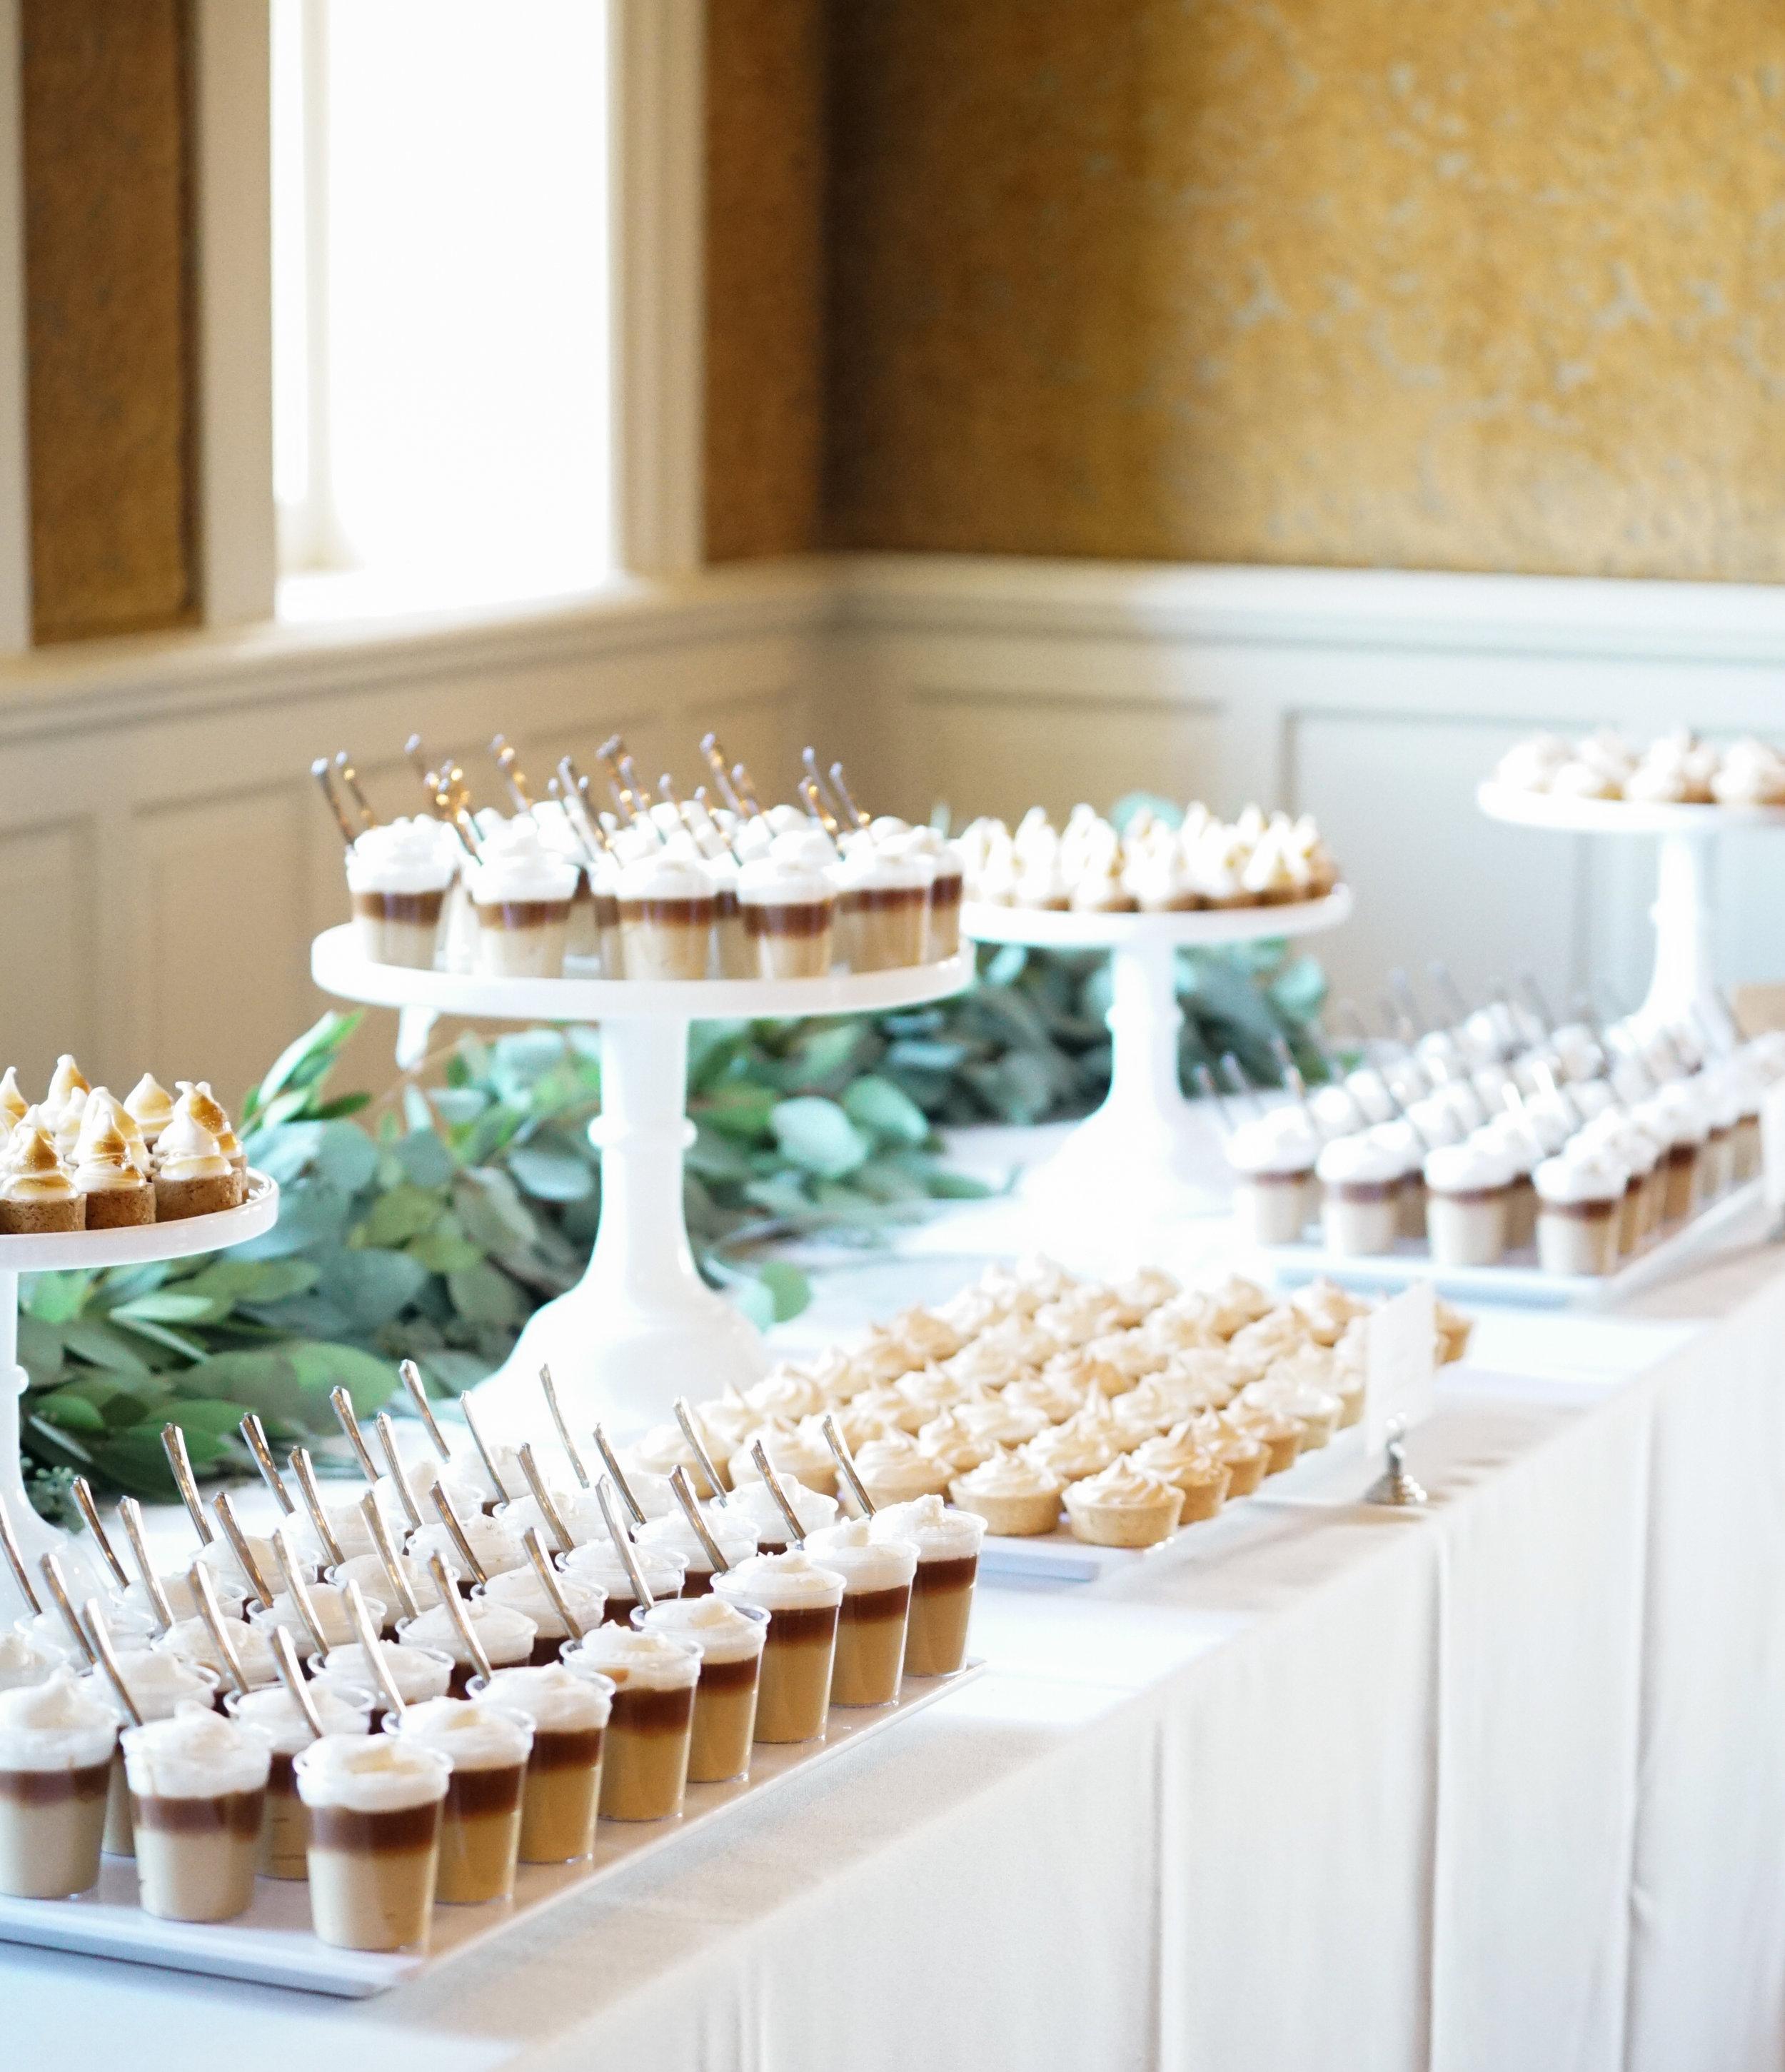 Dessert Table-Spence (1 of 1).jpg